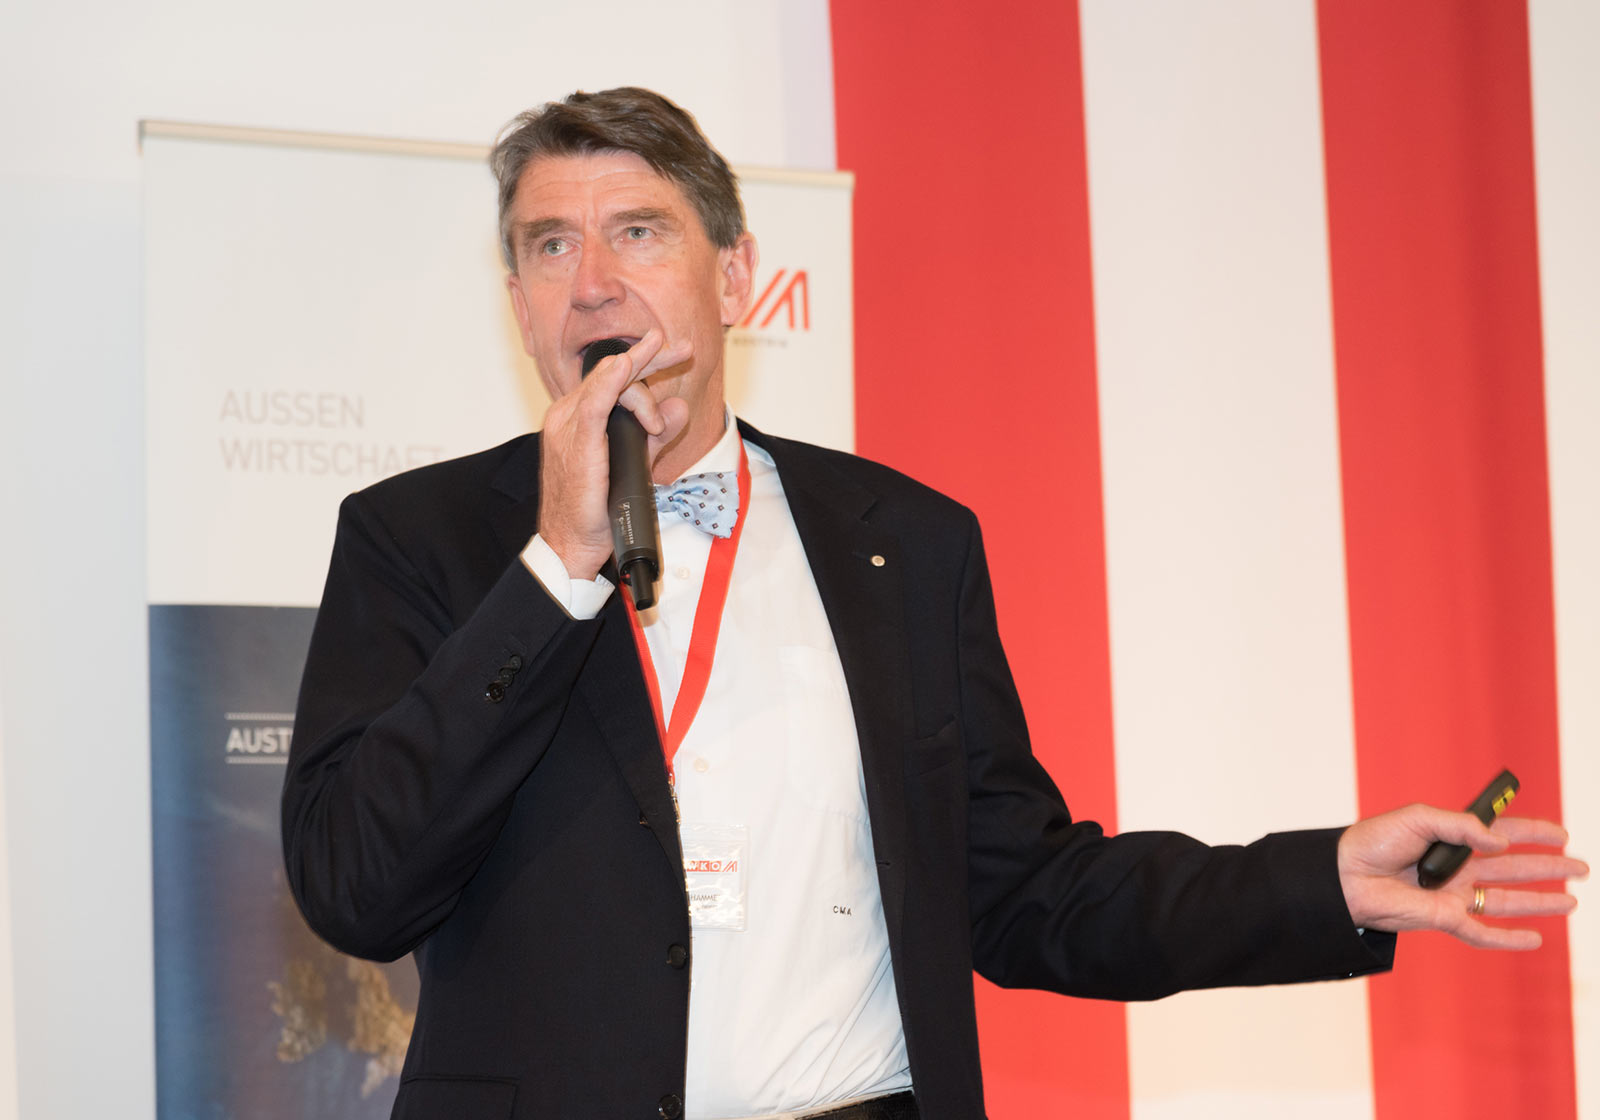 Во время своего выступления председатель правления холдинга ATP Кристоф М. Ахаммер сообщил о множестве интерпретаций понятия «умный» в строительстве. Источник фото: ATP